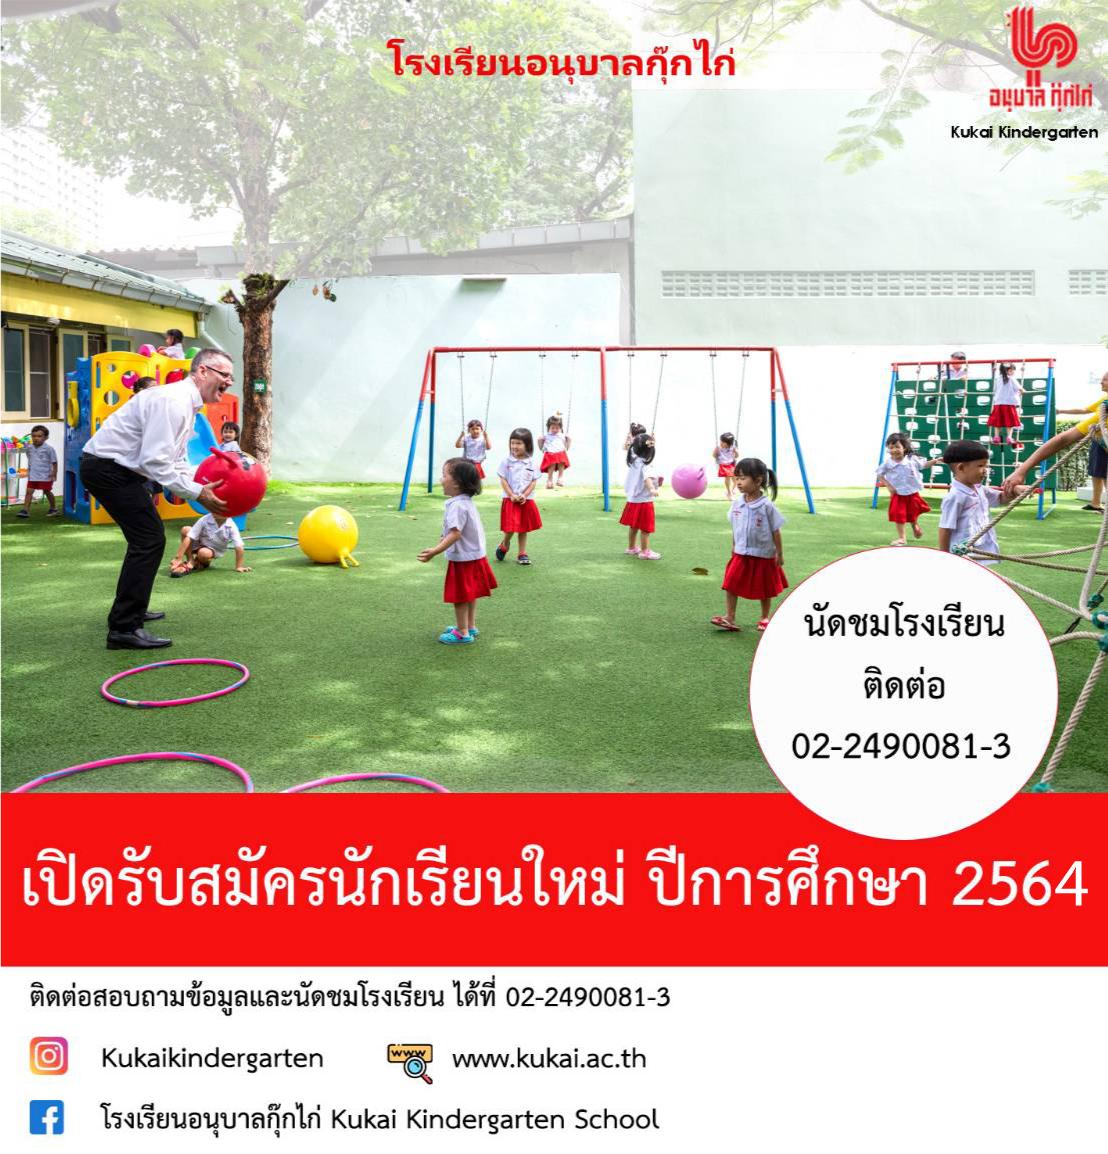 เปิดรับสมัครนักเรียนใหม่ปีการศึกษา 2563